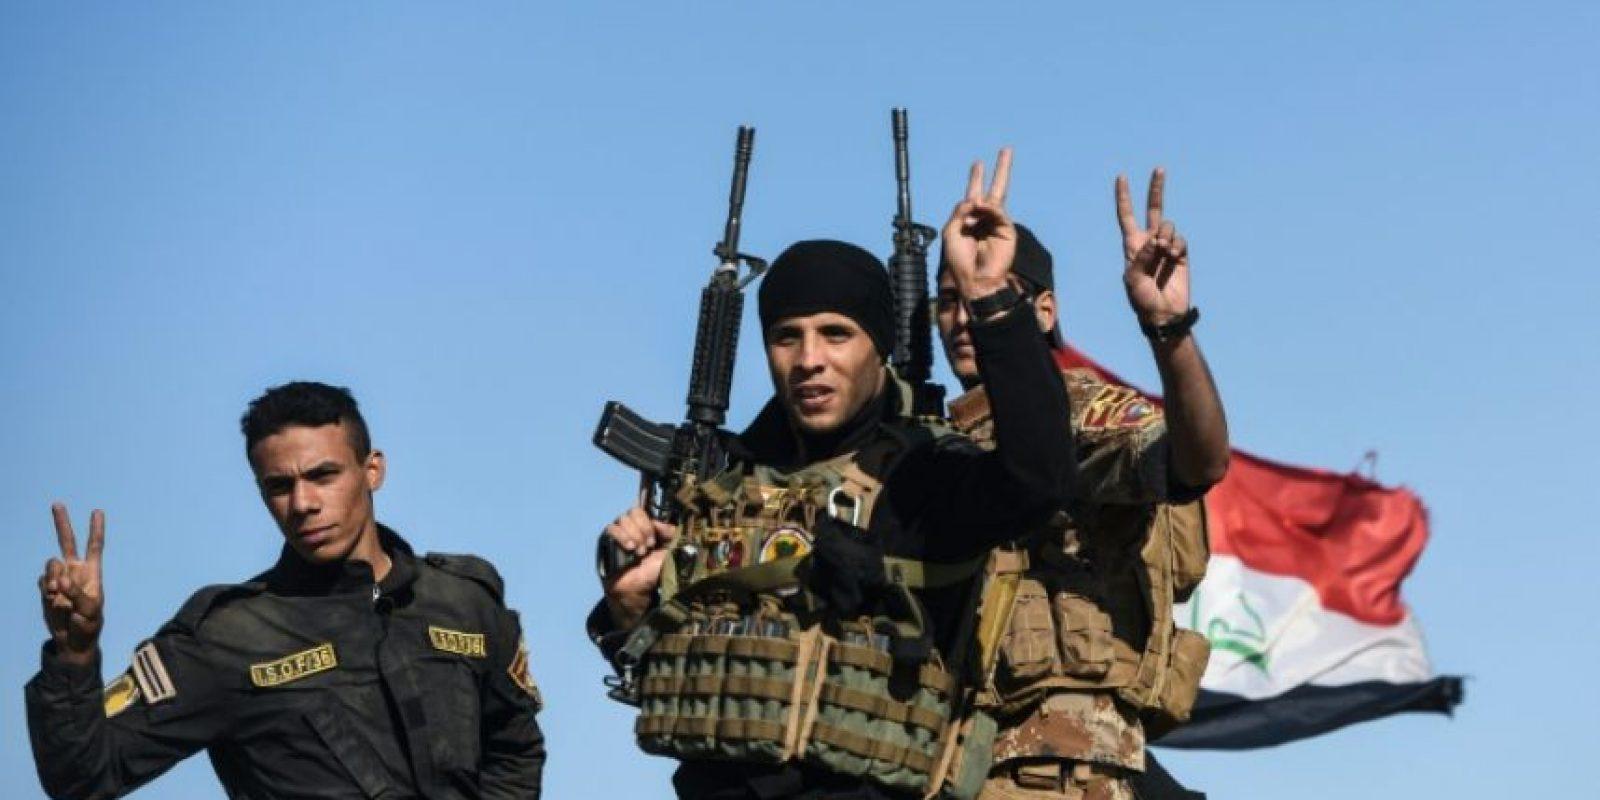 Las fuerzas iraquíes hacen el signo de la victoria al llegar a Gogjali, junto a Mosul, el 3 de noviembre de 2016 Foto:Bulent Kilic/afp.com